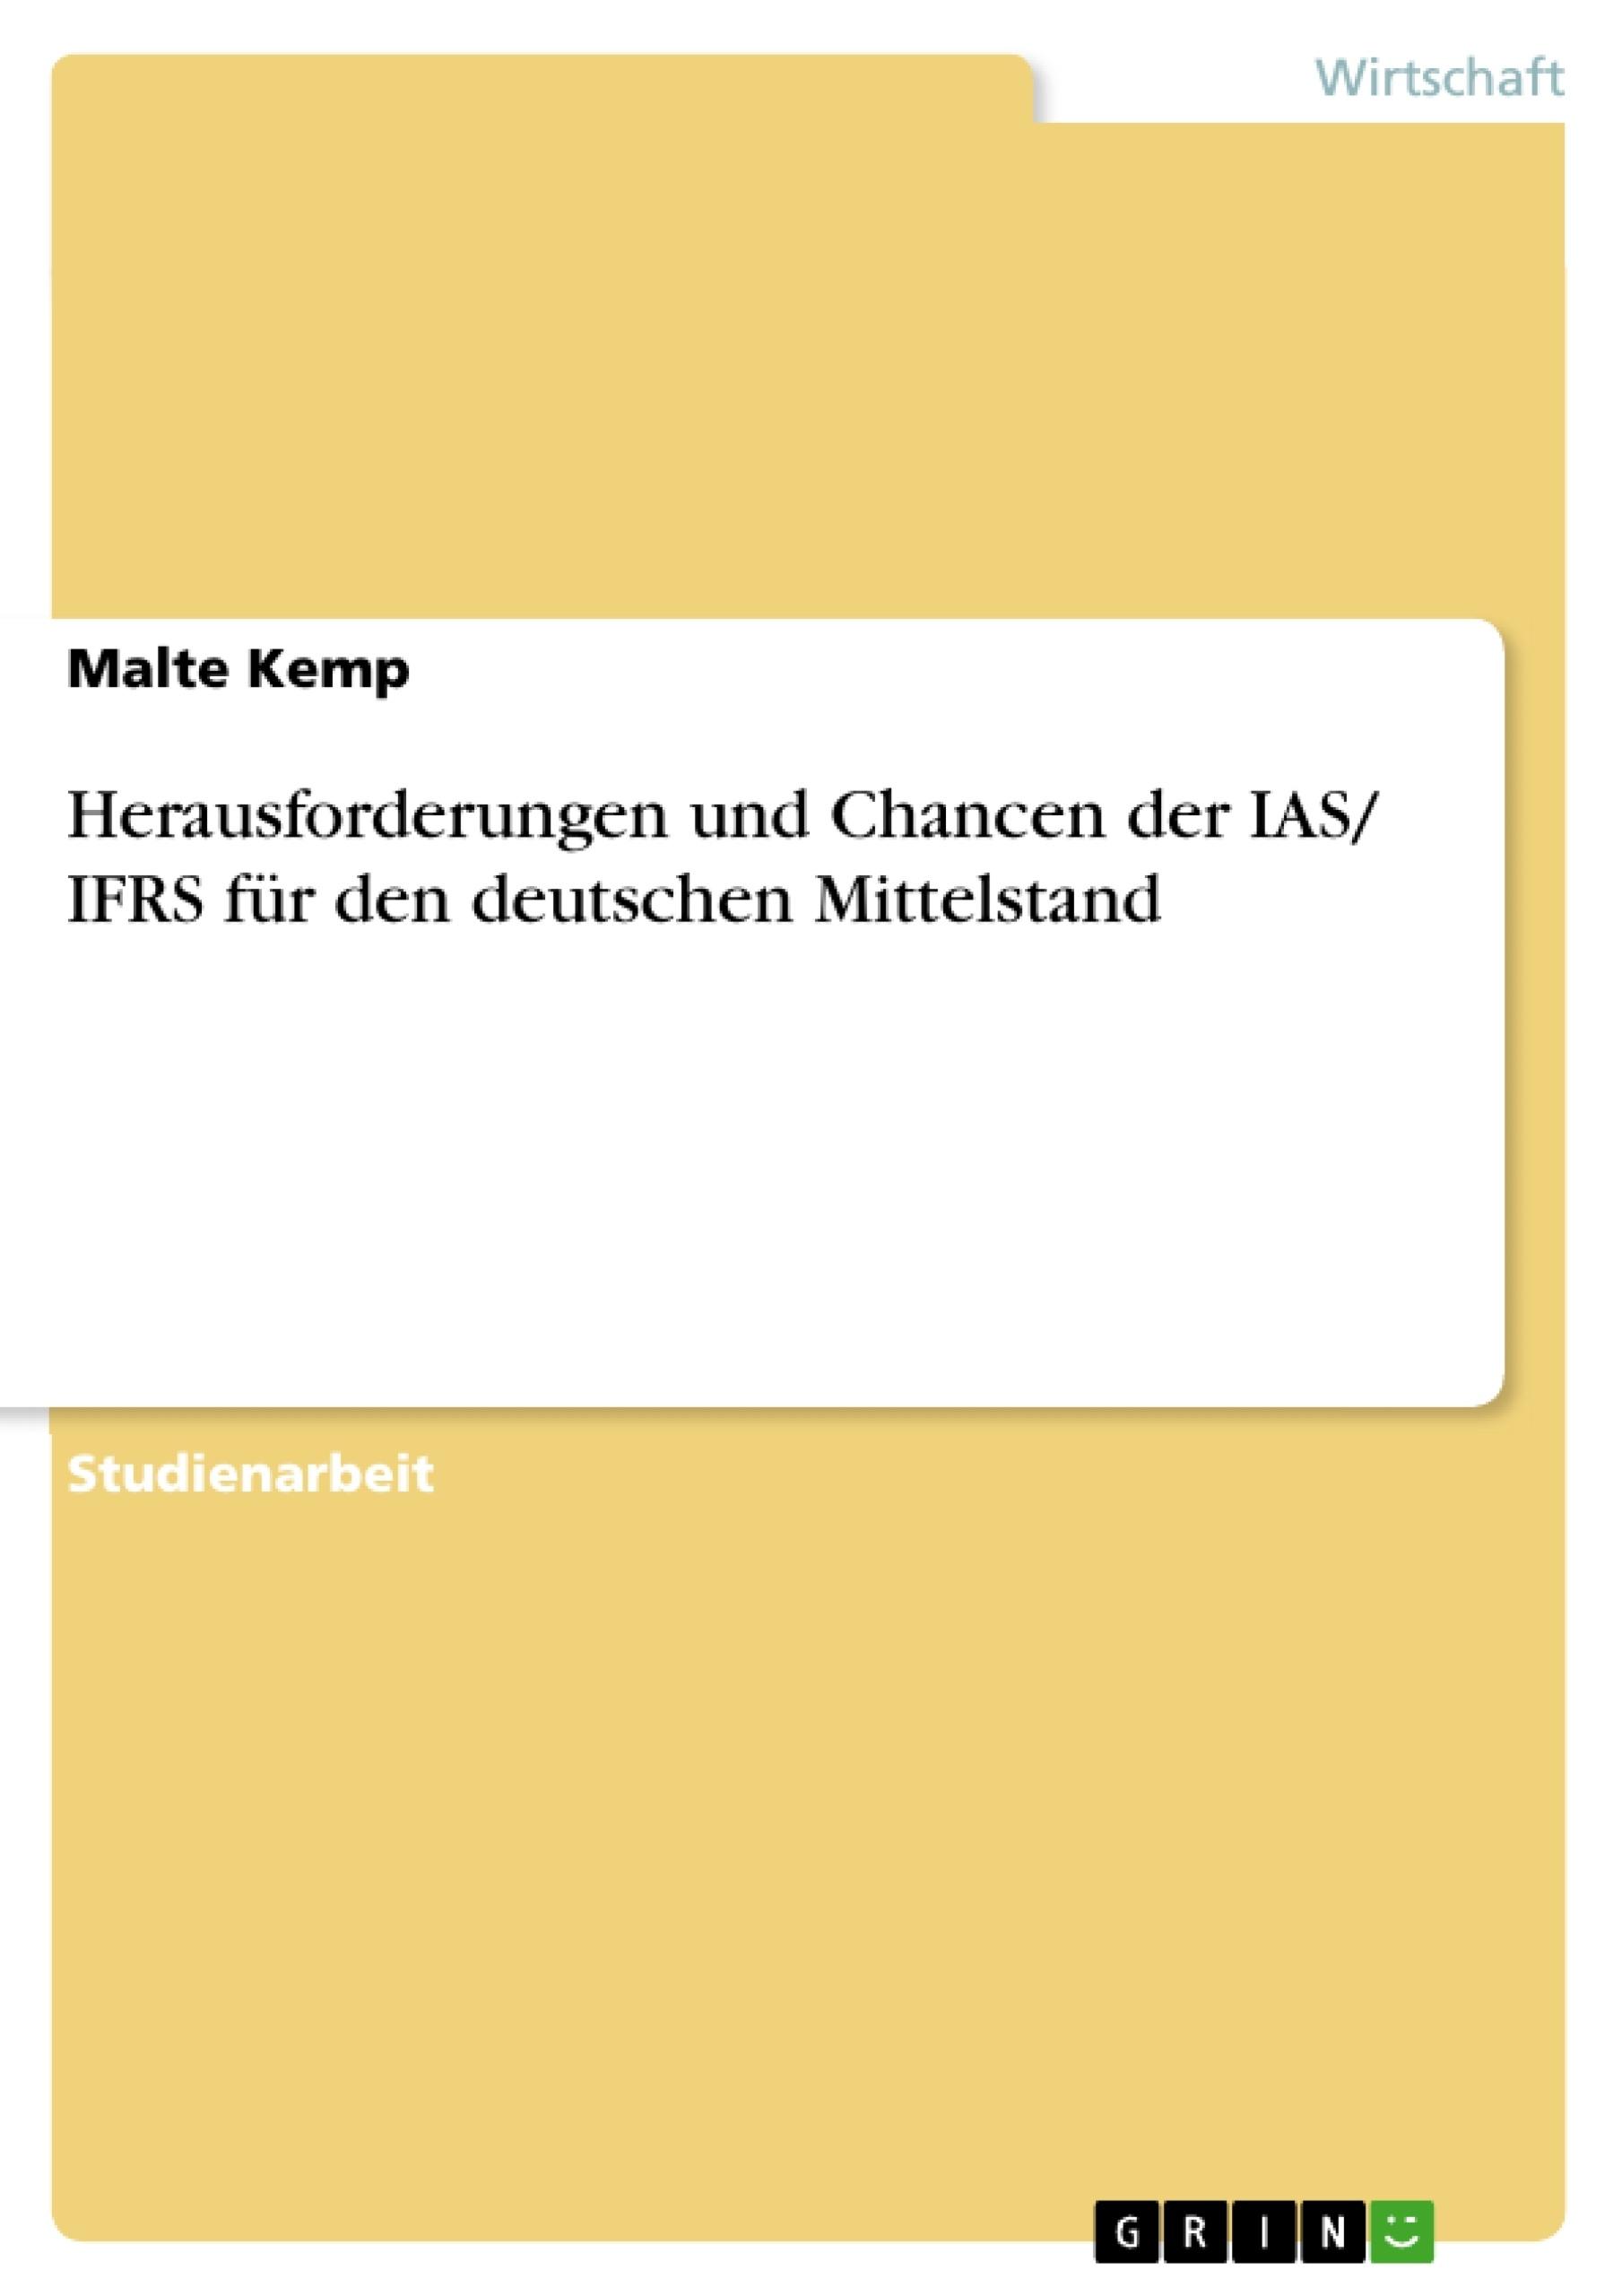 Titel: Herausforderungen und Chancen der IAS/ IFRS für den deutschen Mittelstand